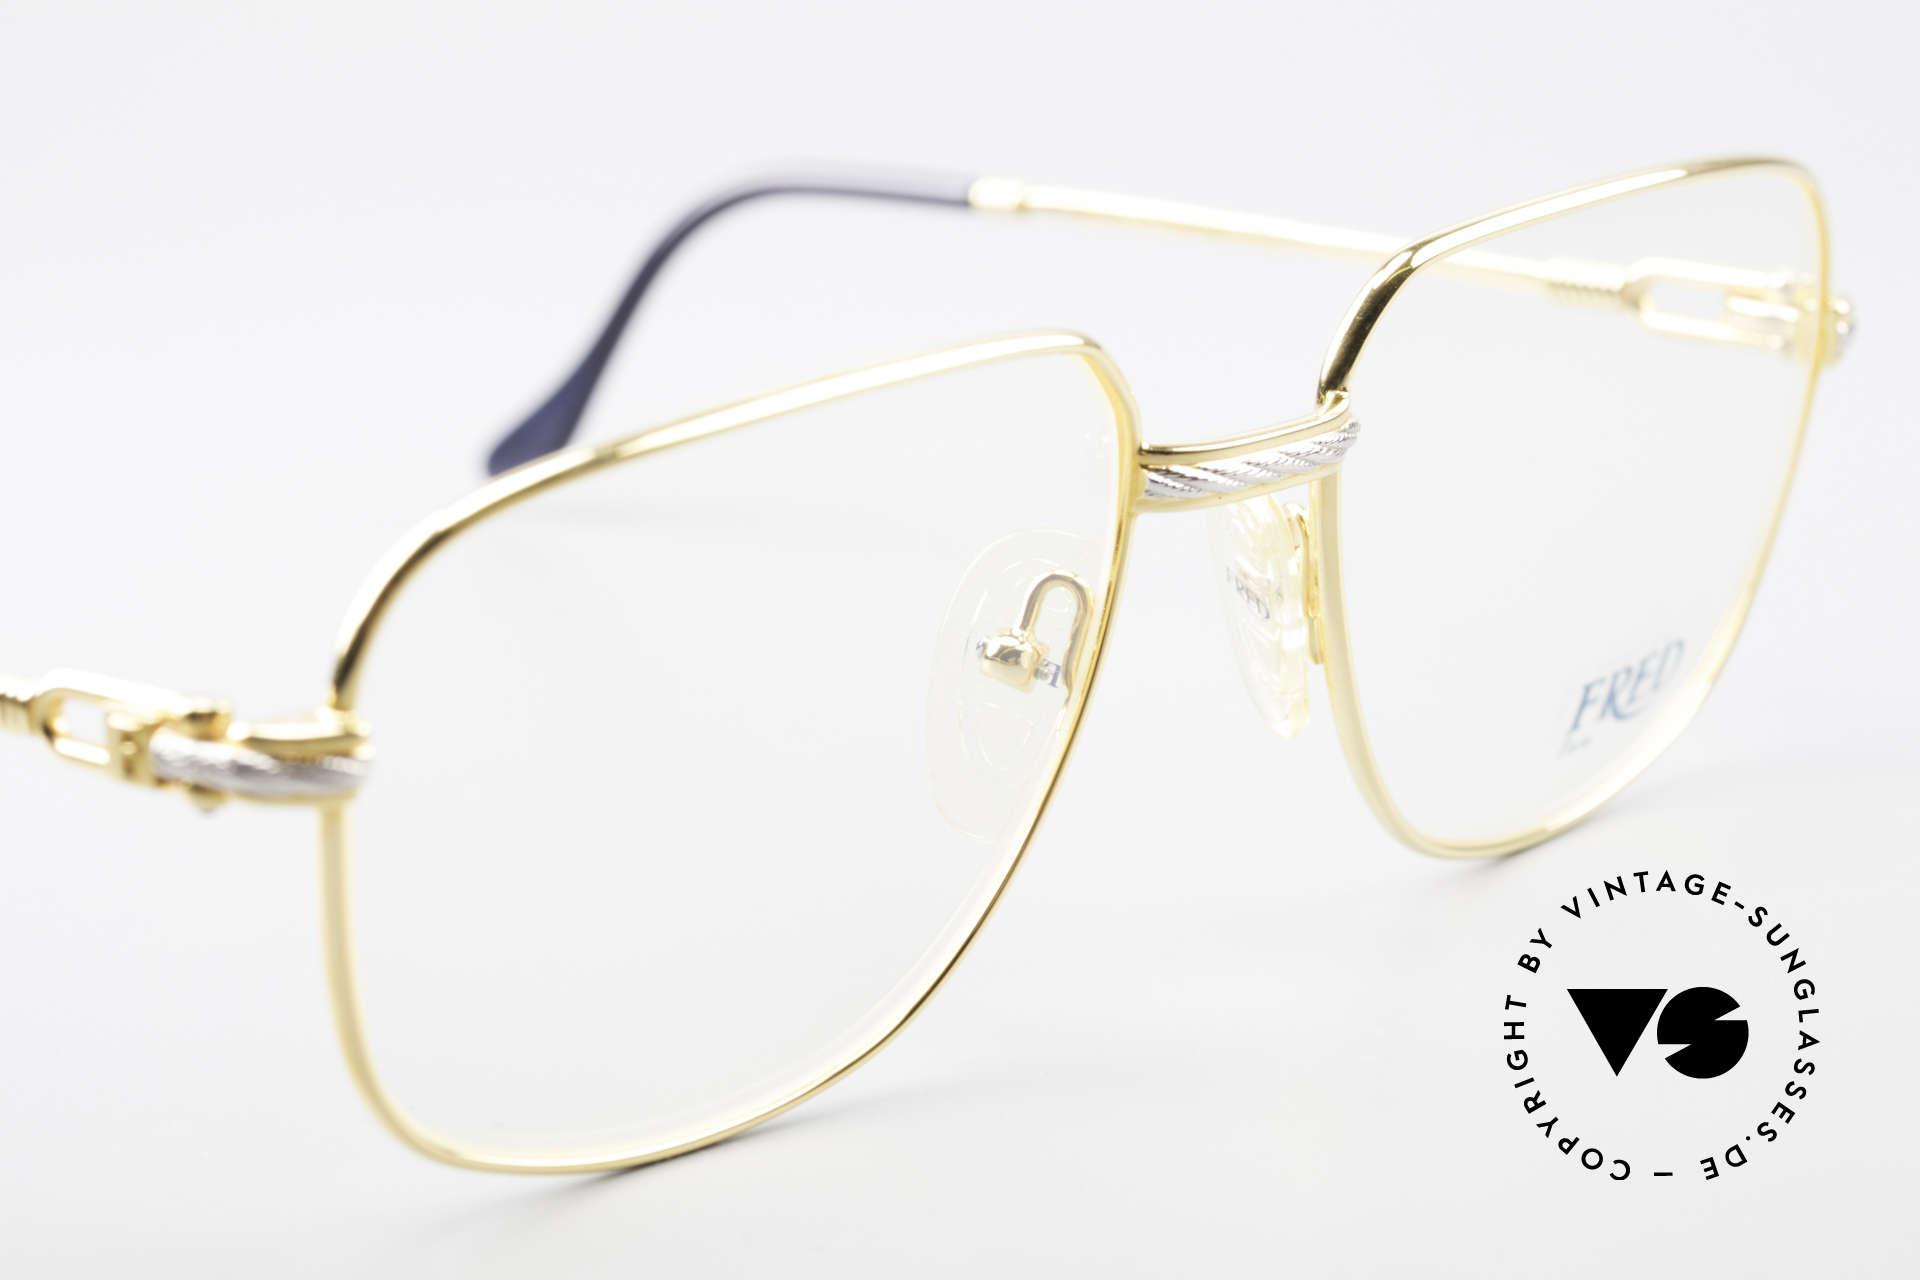 Fred Zephir Luxus Segler Brille Herren, ungetragenes Exemplar (kommt mit Etui von Montblanc), Passend für Herren